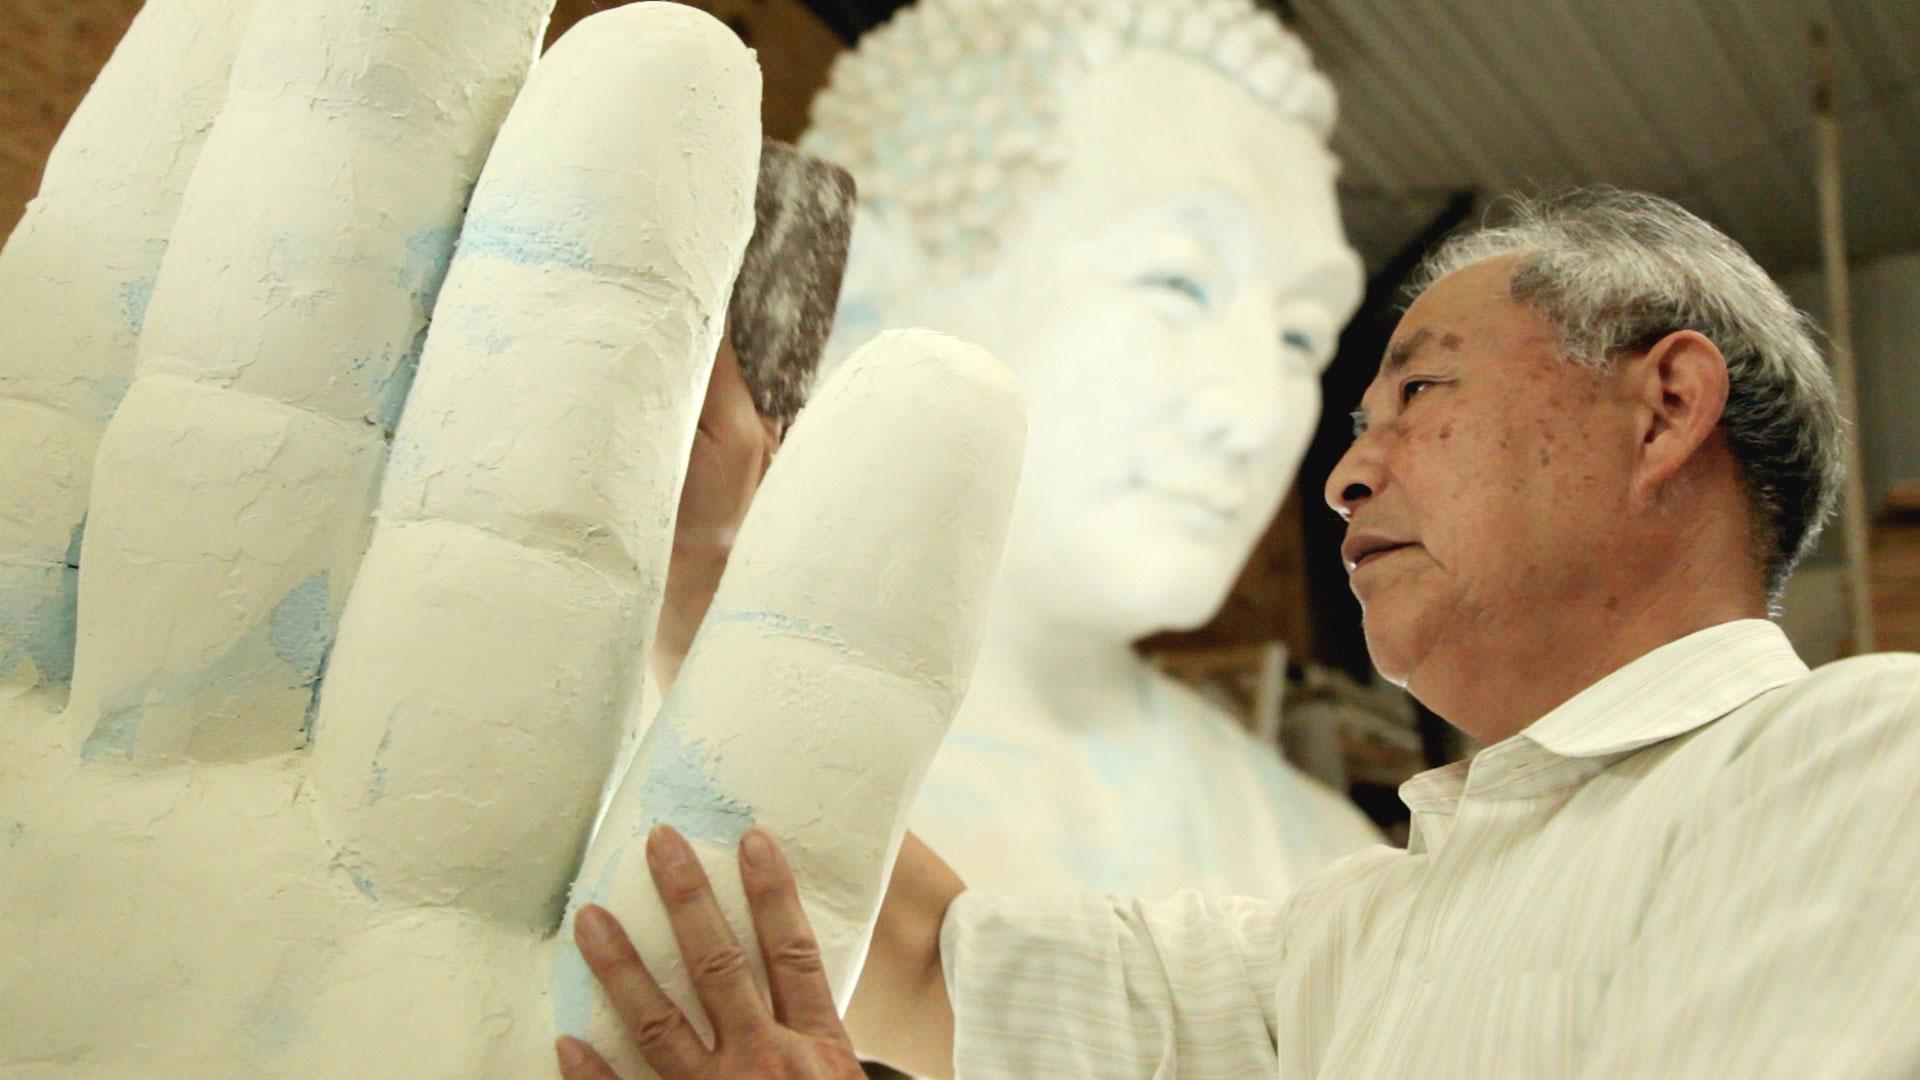 Zhang Kunlun, fundador da Exposição Internacional da Arte de Zhen-Shan-Ren (Verdade, Compaixão, Tolerância)